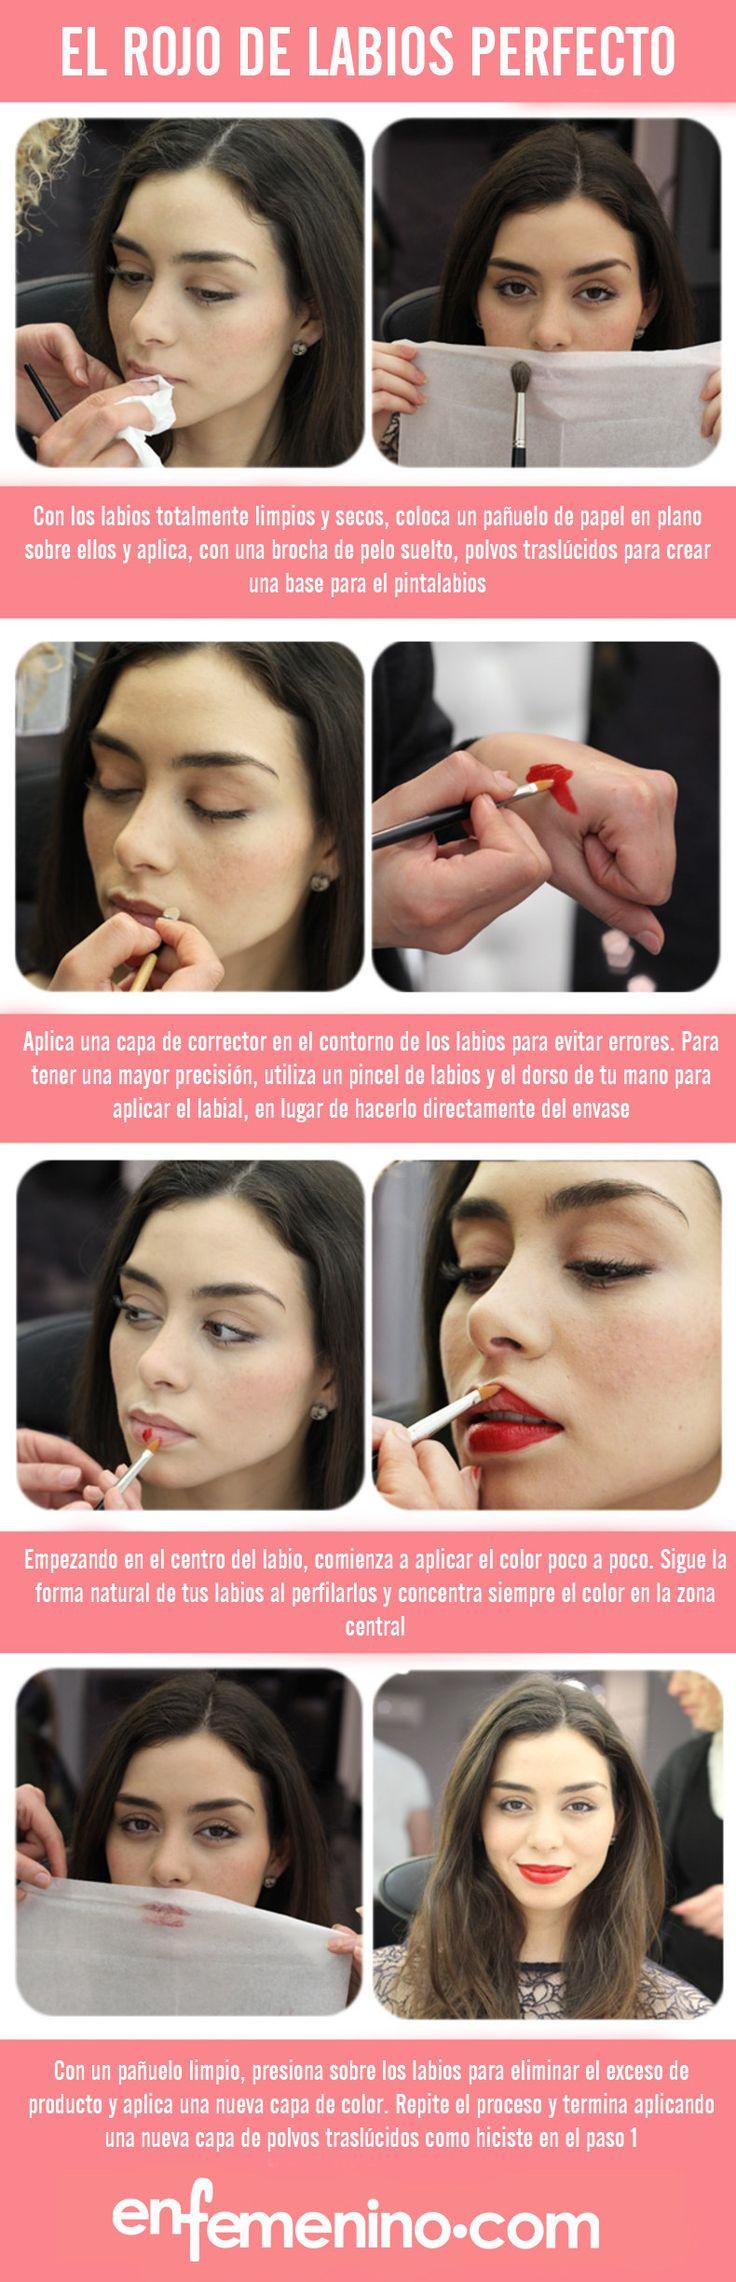 Cómo llevar el rojo de labios perfecto #maquillaje #beautytips ⭐️ #ClassyLadyEntrepreneur ⭐️ www.DebbieKrug.com